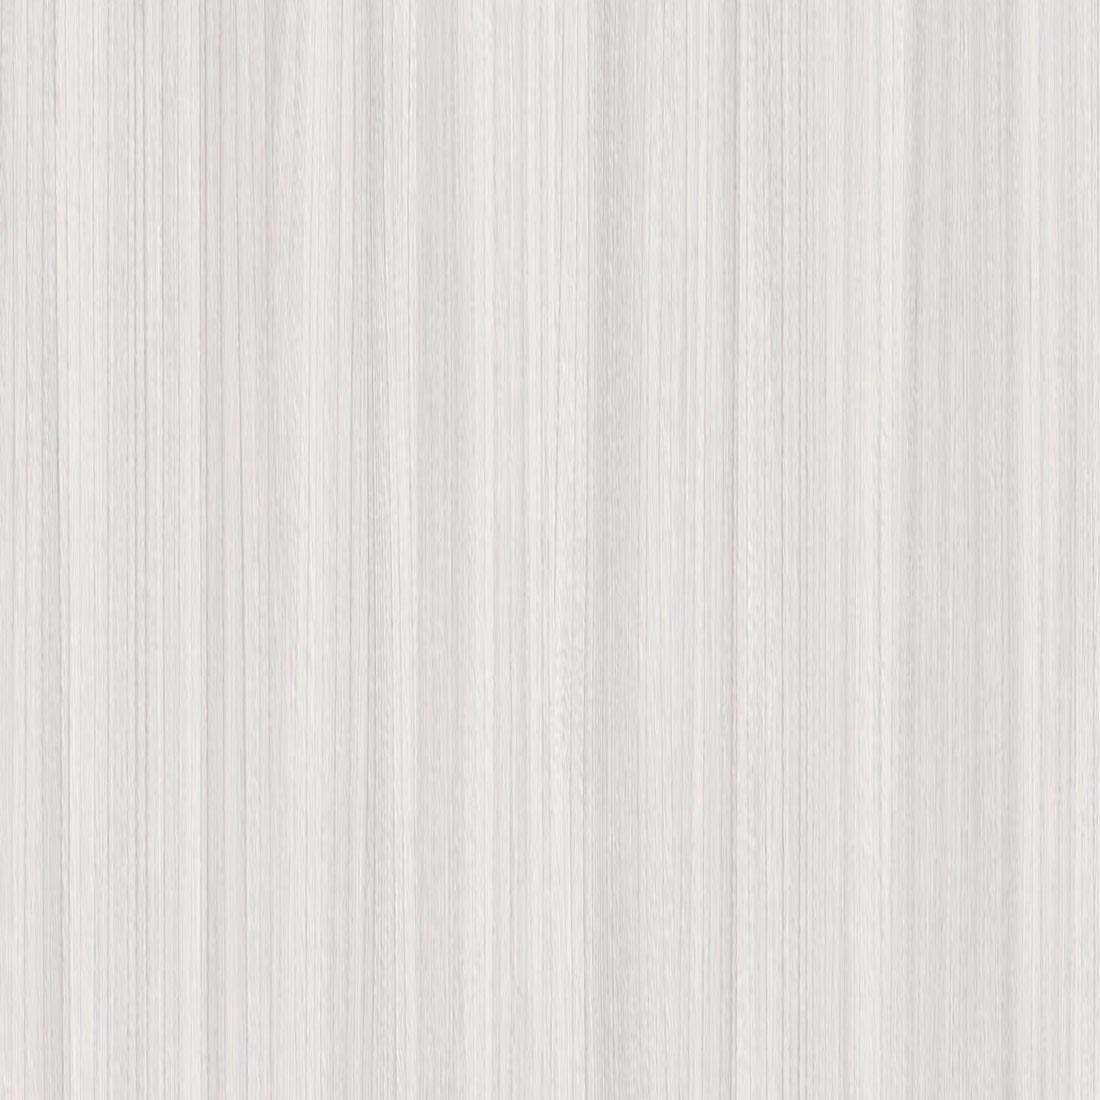 Adesivo De Natal Para Imprimir ~ Papel De Parede Cerca De Madeira Rústica Auto Adesivo R$ 47,95 em Mercado Livre